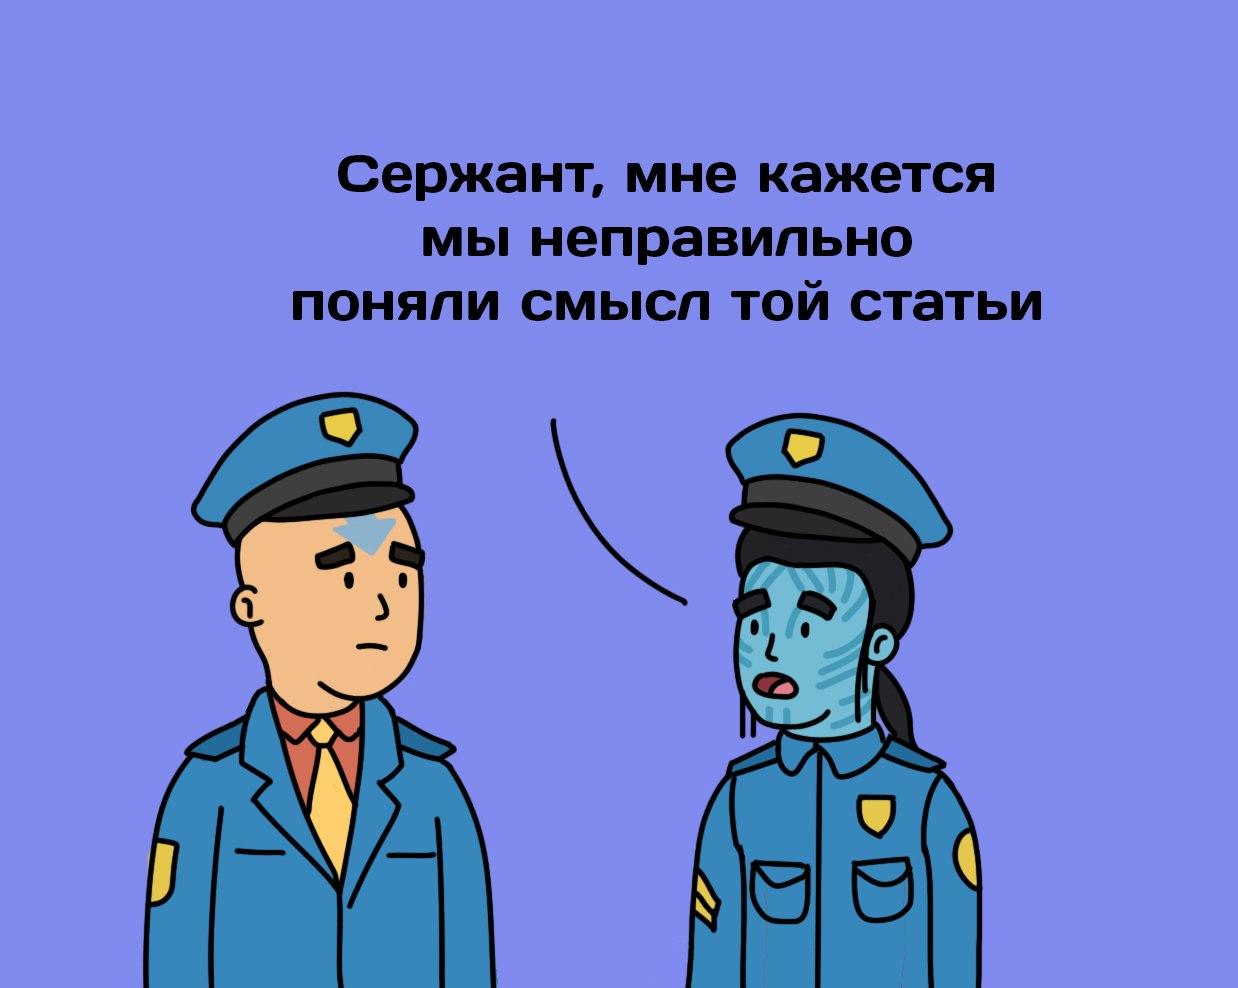 Новость №572: Ученые показали, что свидетели вспоминают больше деталей преступления, когда их допрашивает аватар, а не реальный полицейский